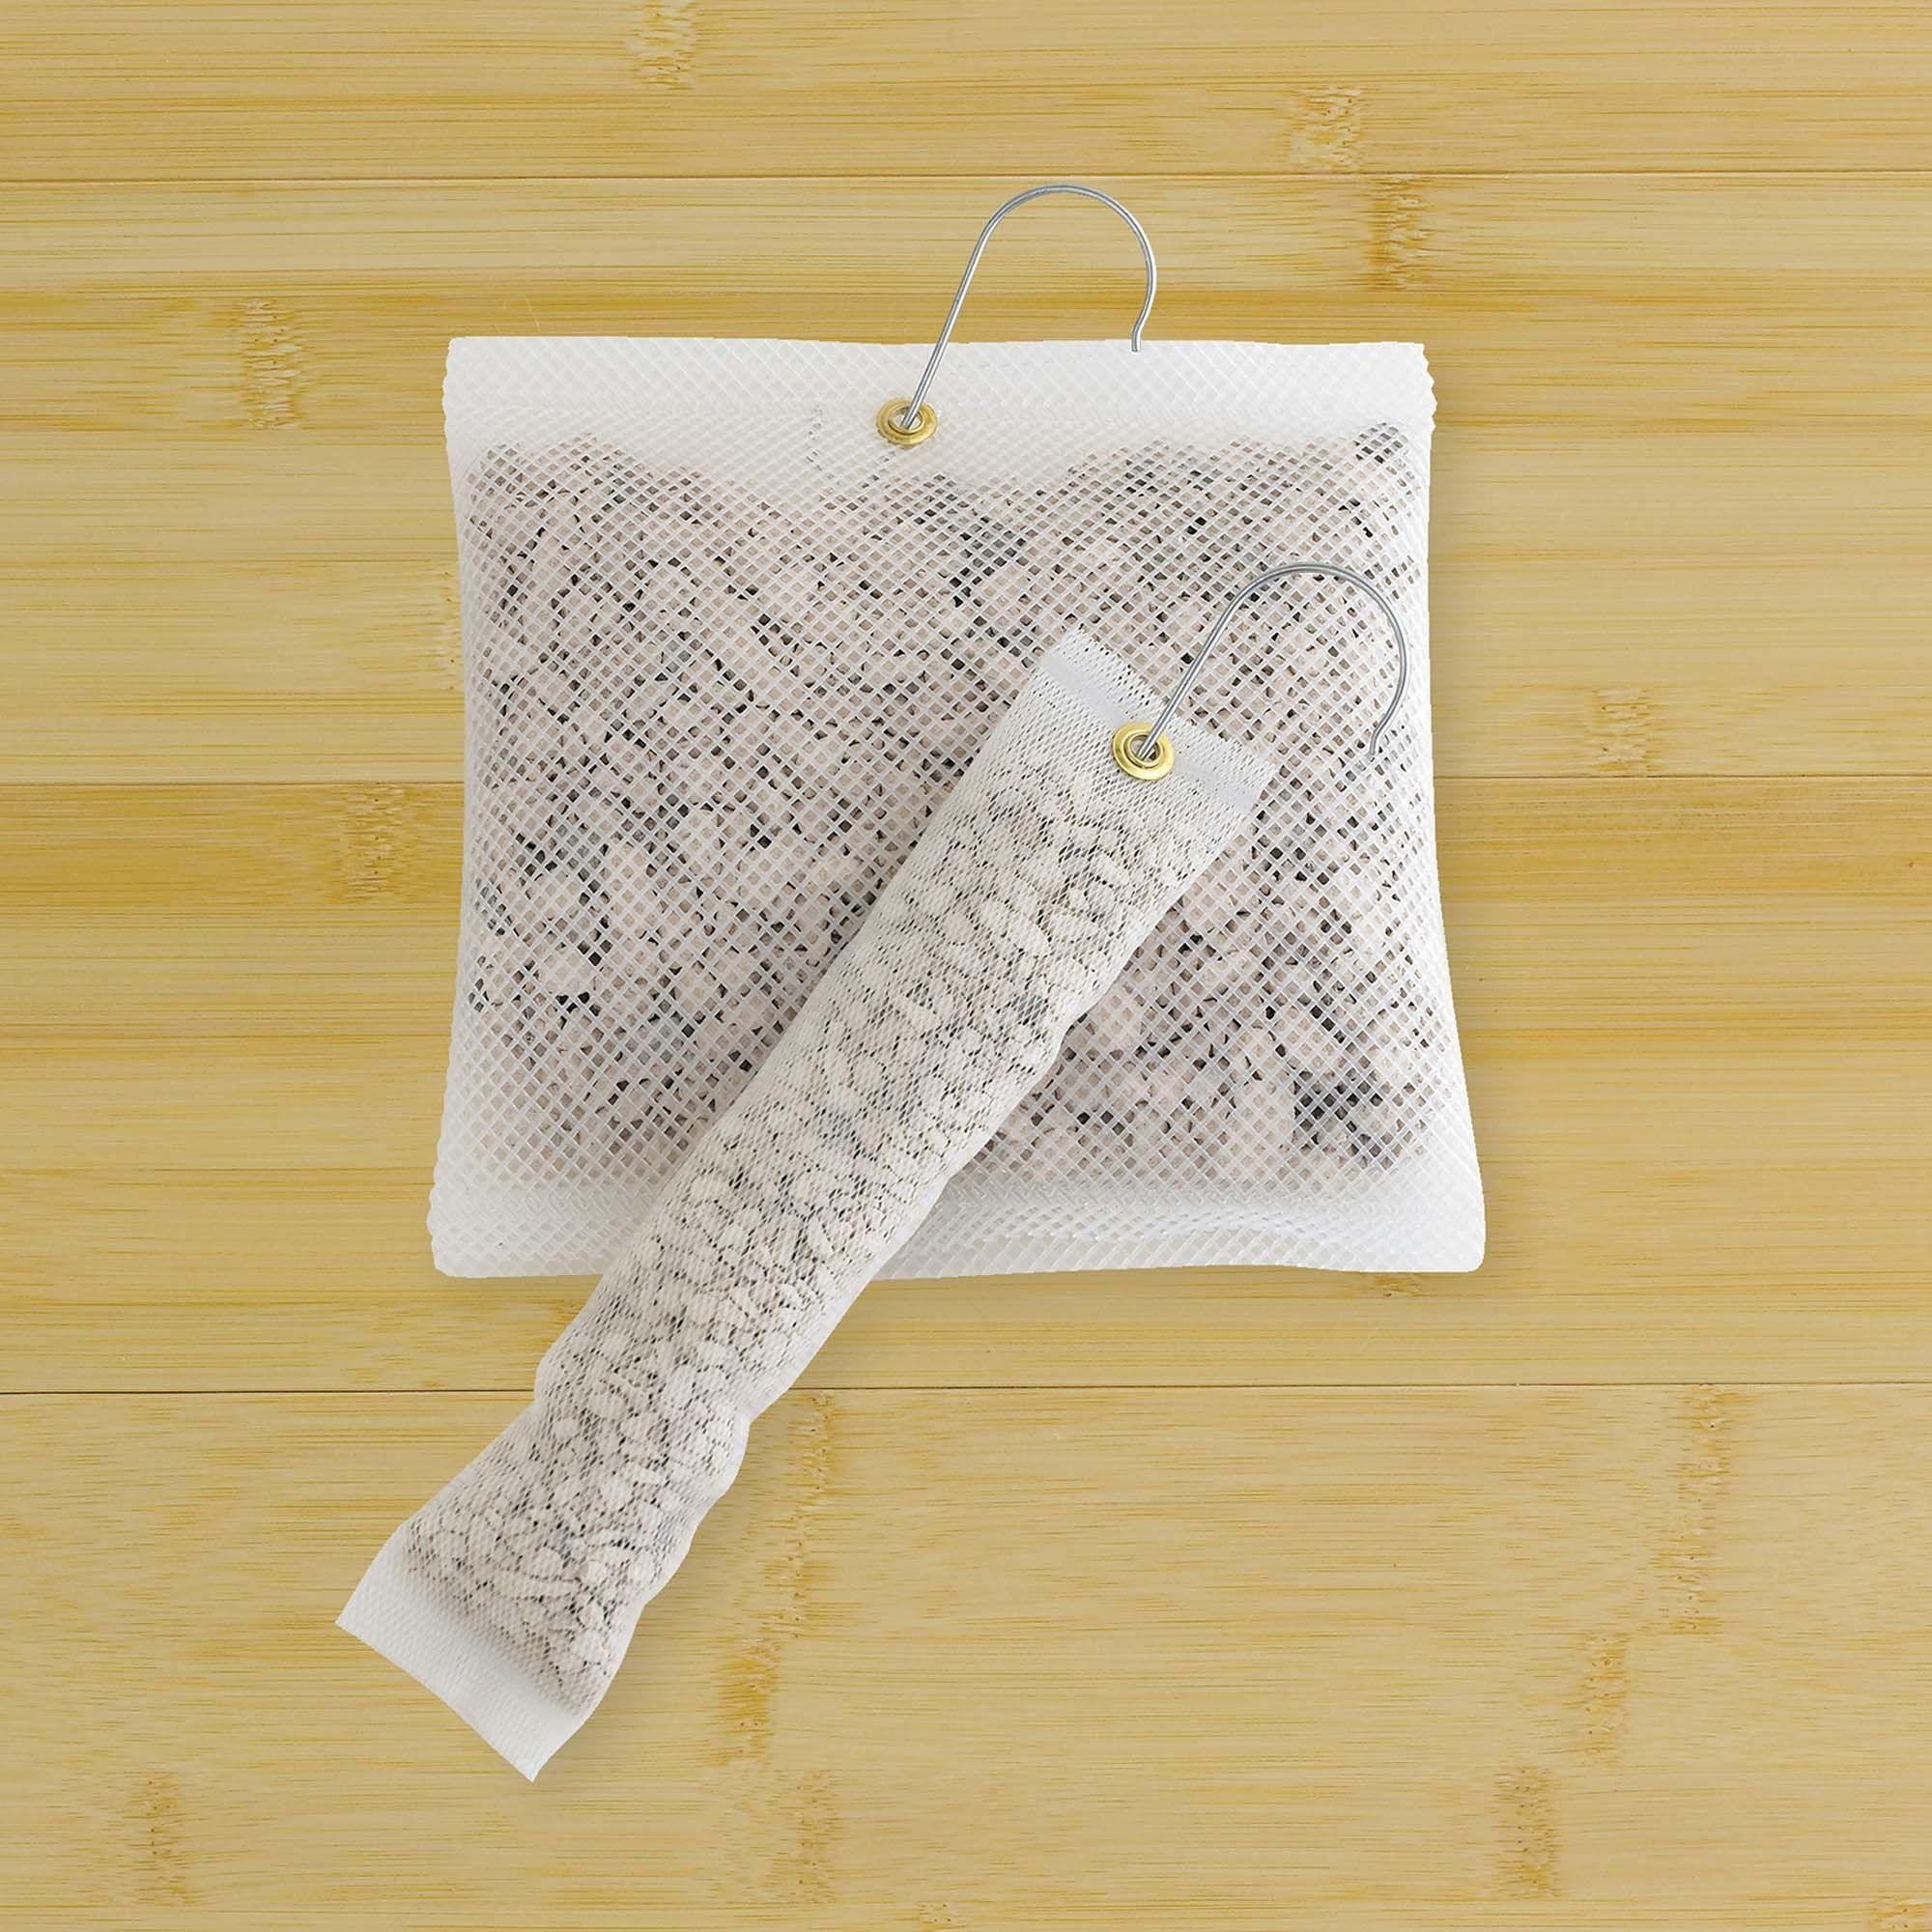 House Basement Odor Absorber Air Freshener Odor absorber